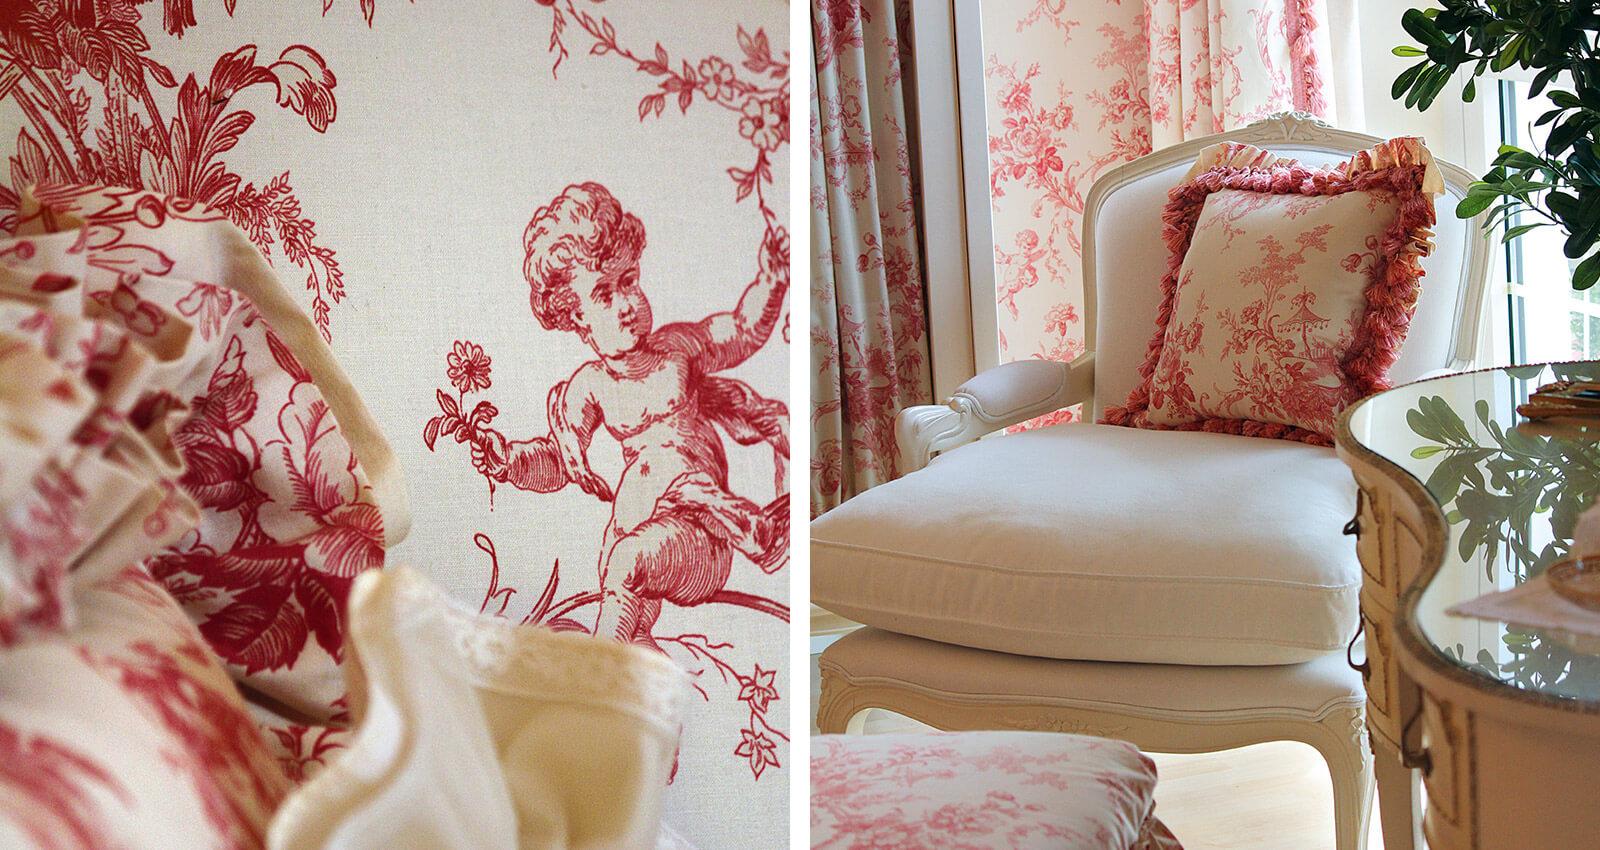 rundgang-14-rosen-schlafzimmer-sessel